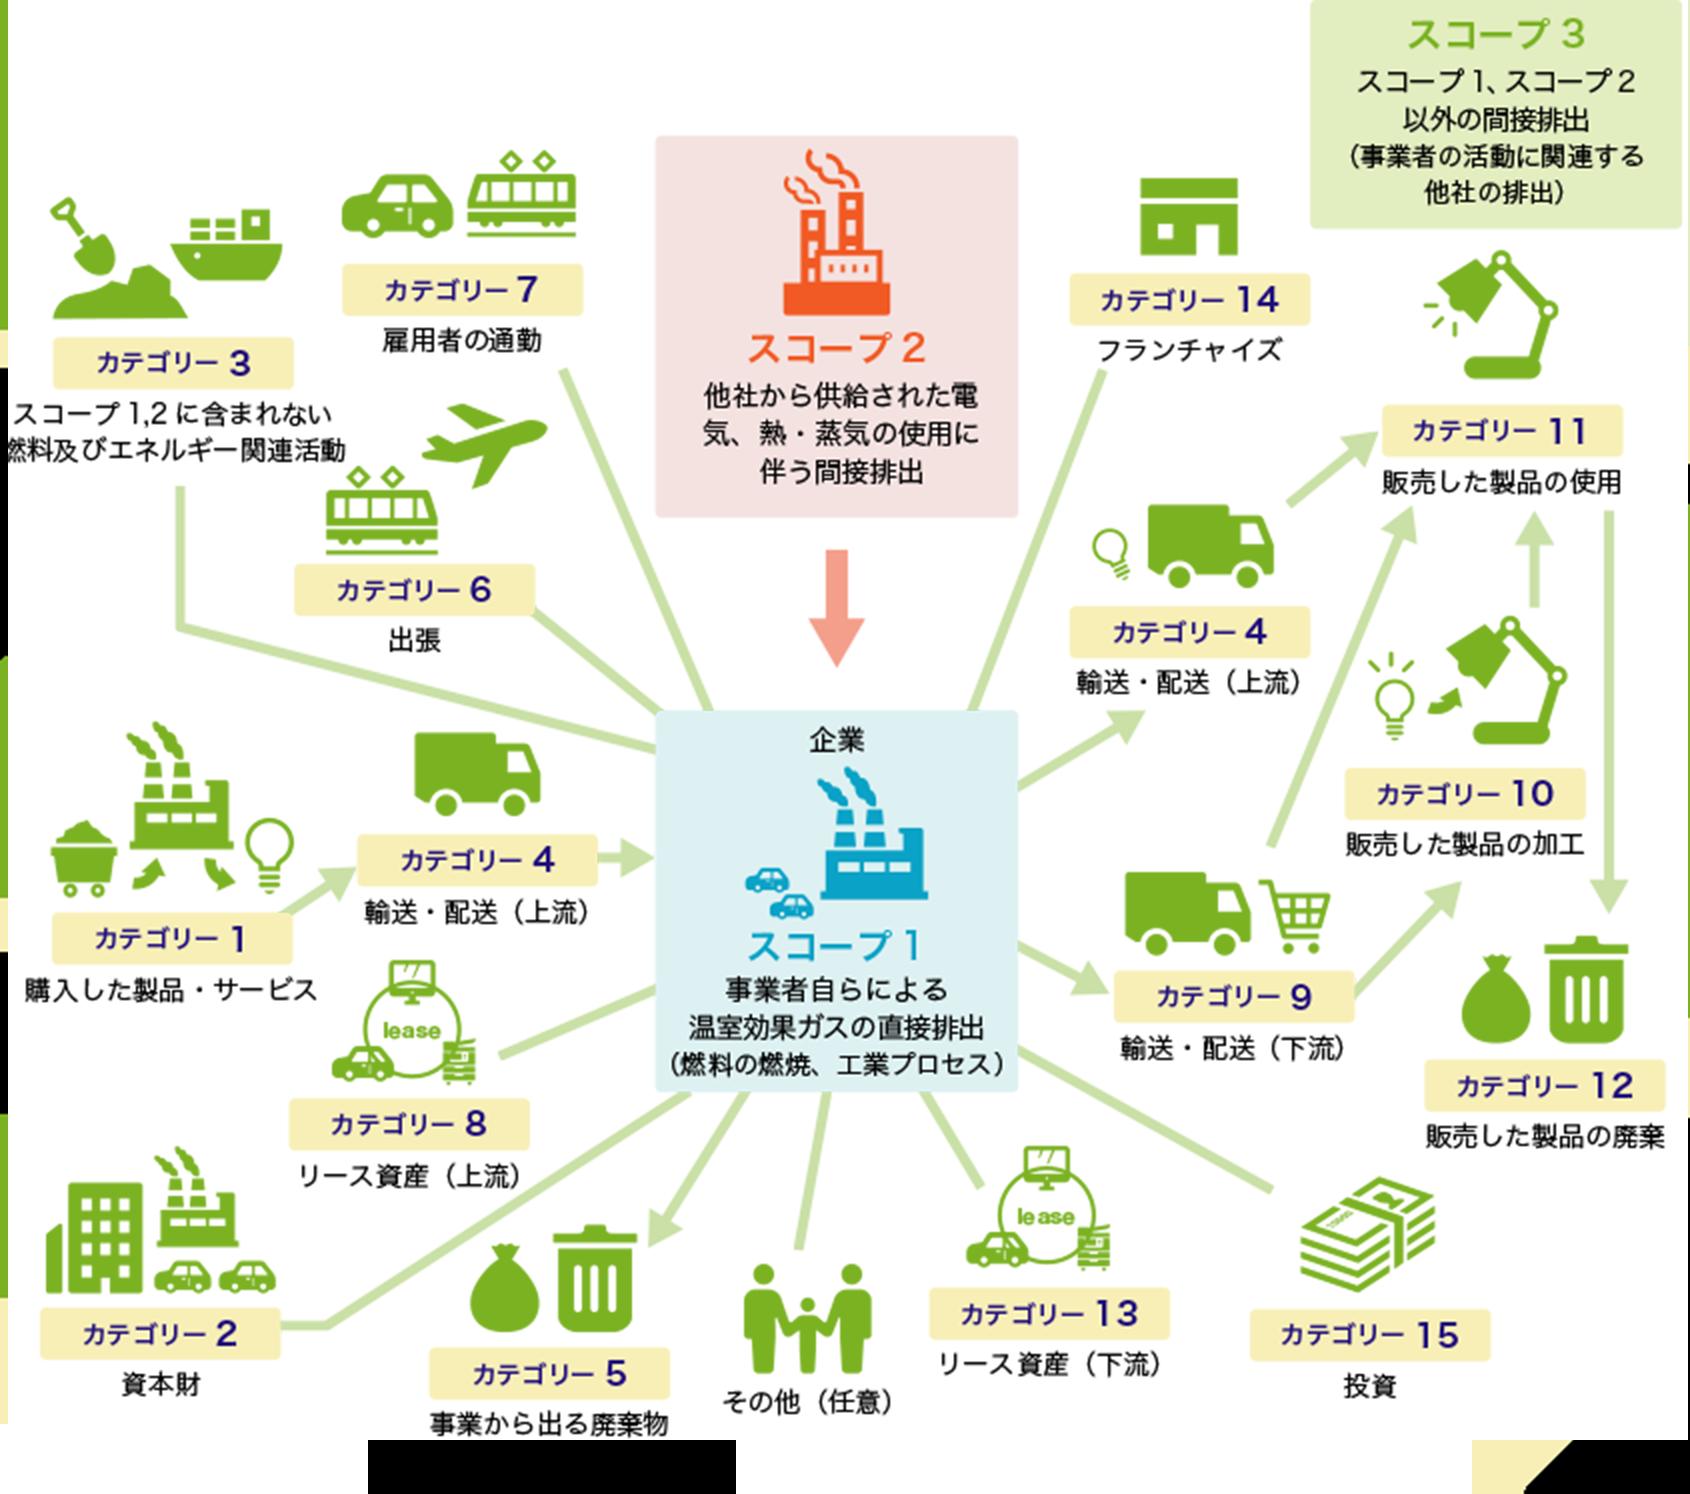 出典:環境省・経済産業省グリーンバリューチェーン・プラットフォームをもとに株式会社ウェイストボックスにて作成